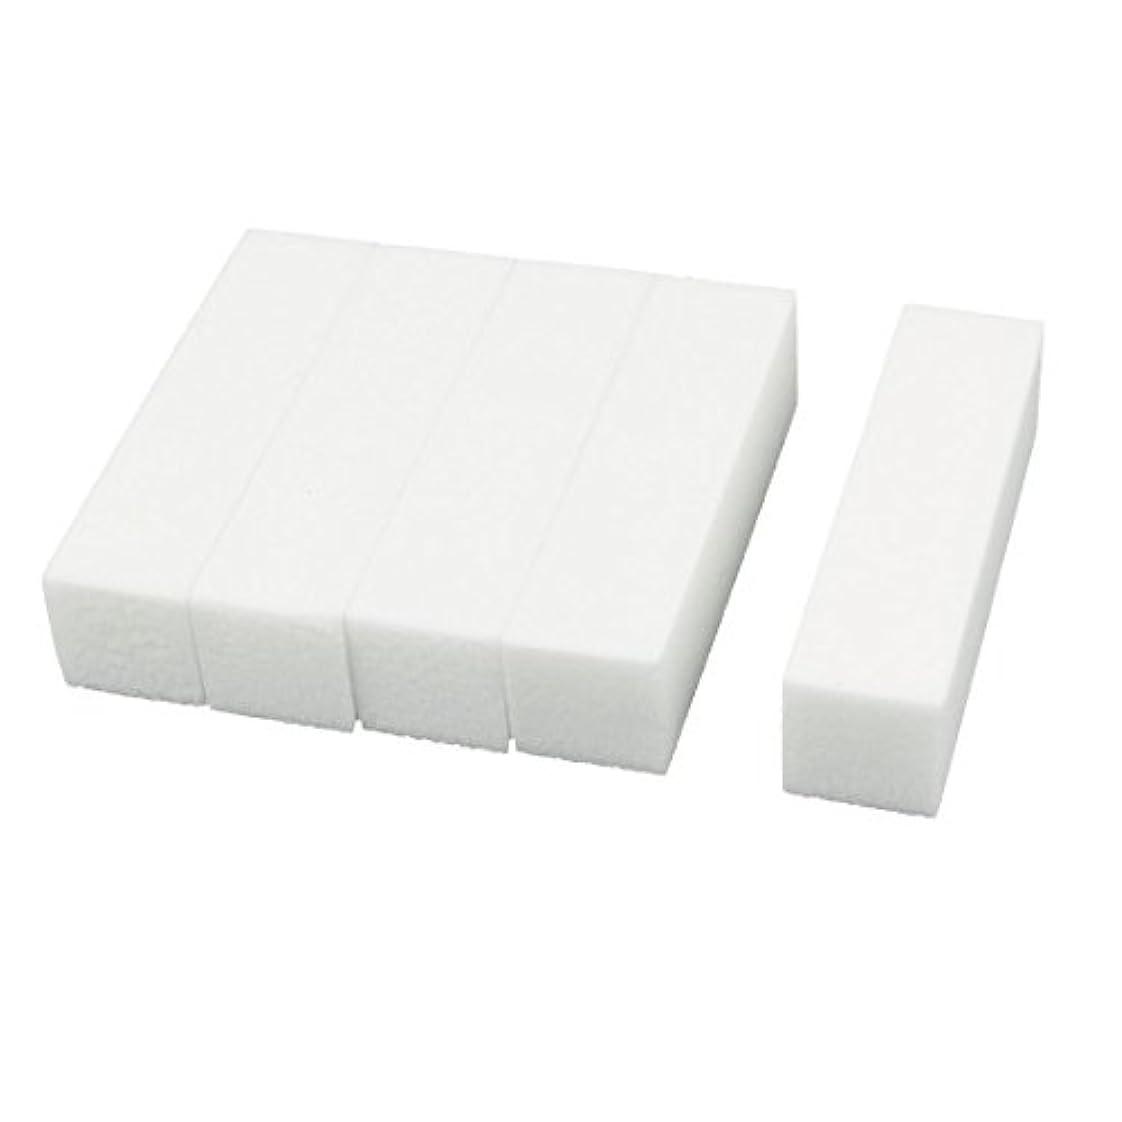 ランダムドナウ川アデレードuxcell ネイルファイル サンディングブロック ヒント マニキュアツール バッファ ホワイト 4ウェイ 5個セット